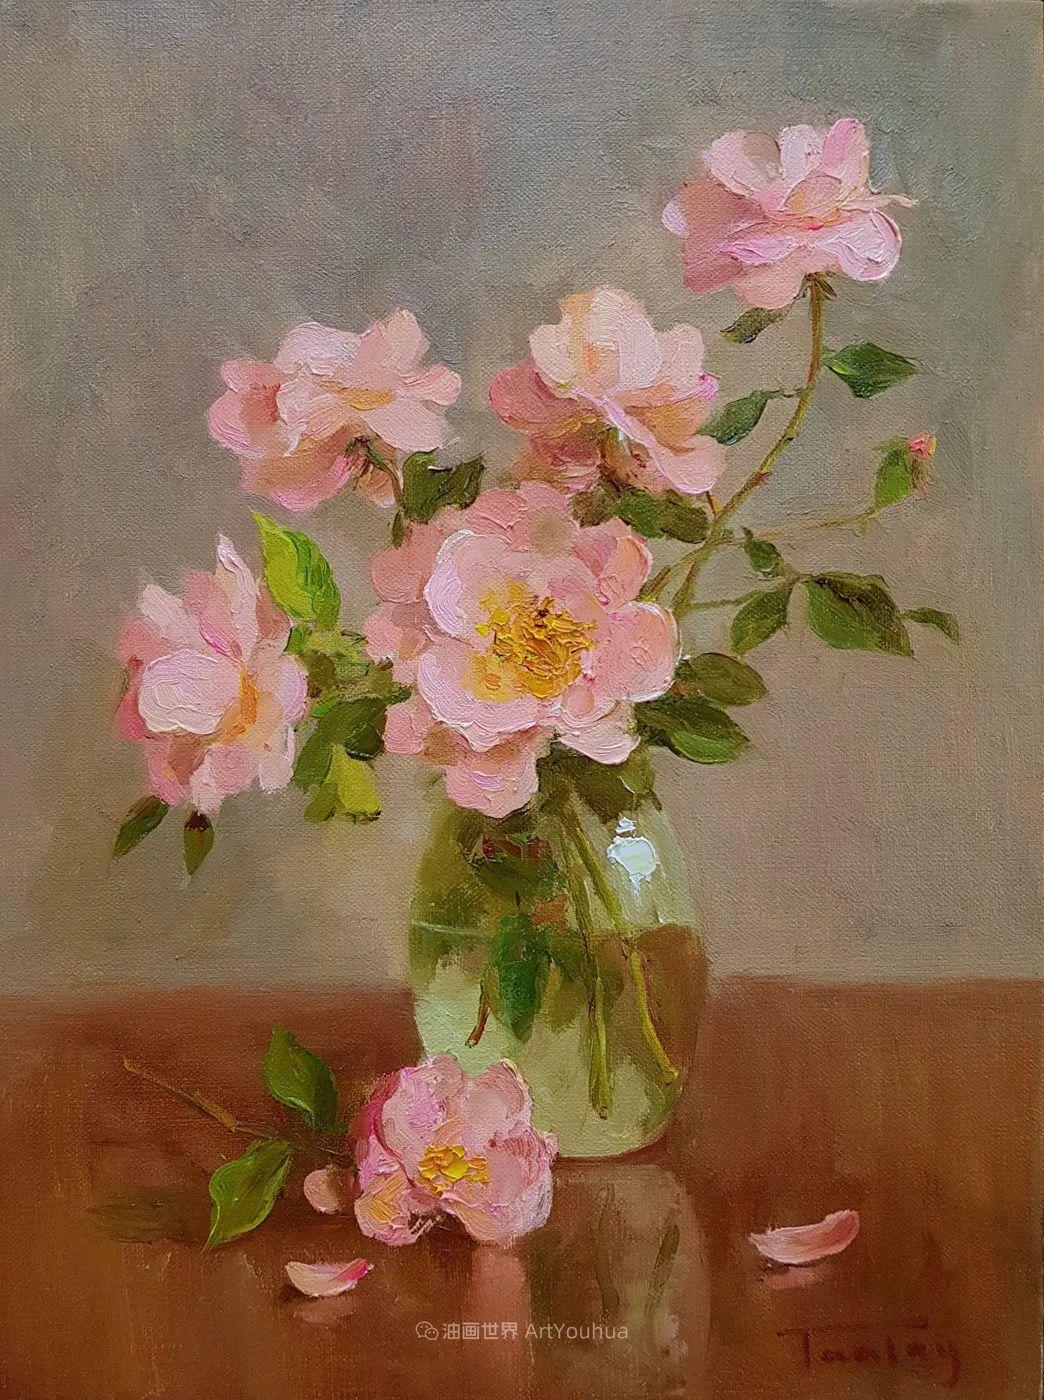 他的花儿如此生动和明亮,充满了光和微妙的东方哲学!插图51